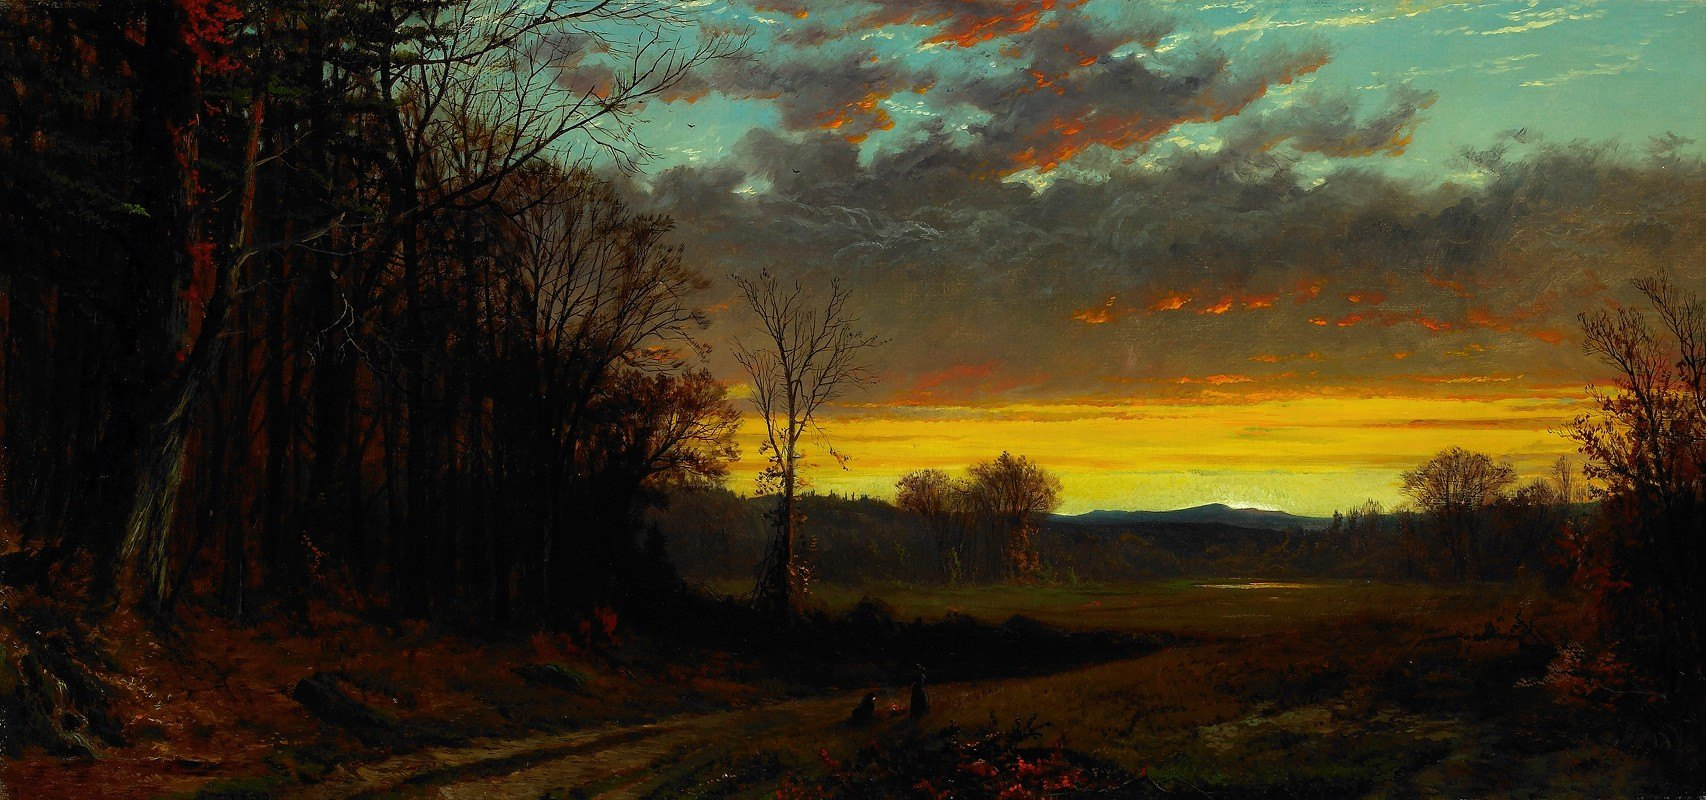 Alfred Thompson Bricher - Twilight in the Wilderness